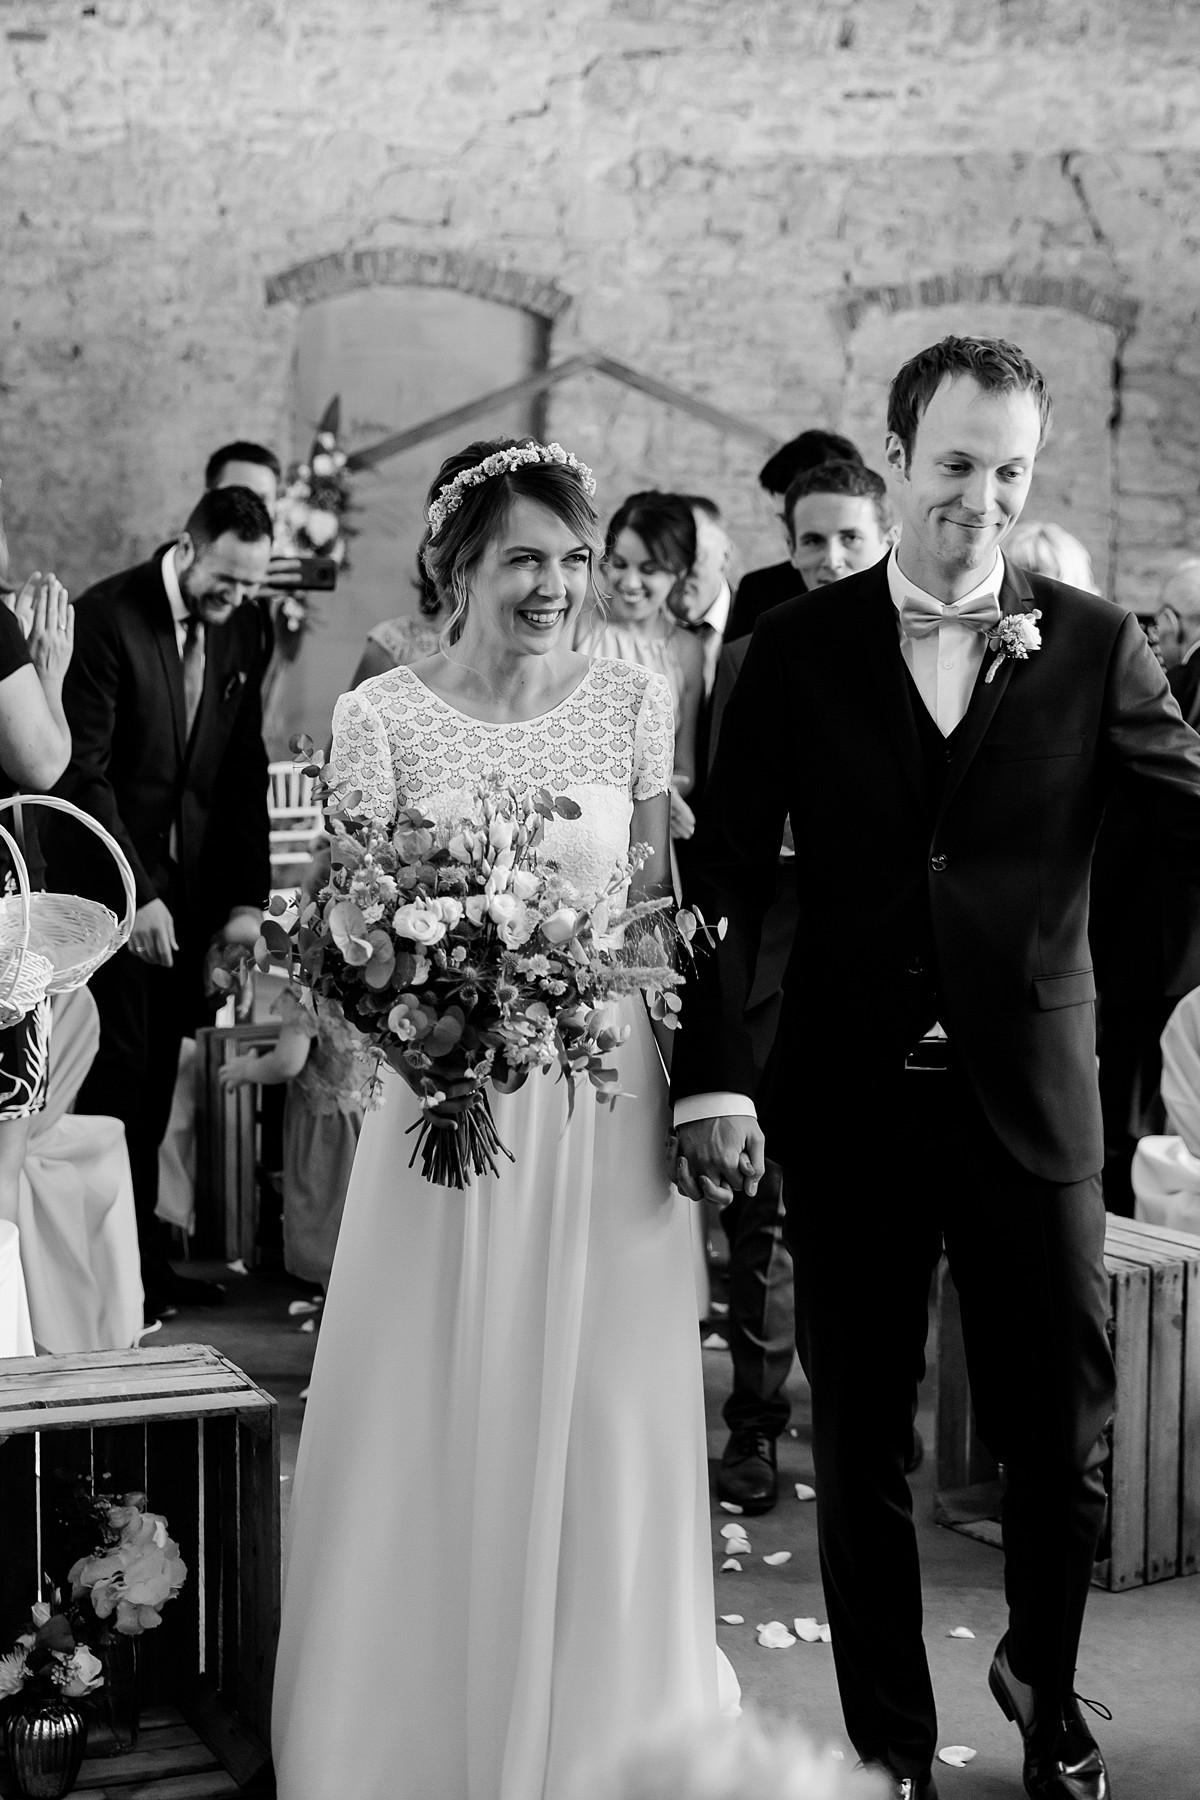 Hochzeitsfotograf-Bielefeld-Freie-Trauung-Hof-Steffen-Marco-Hüther_0037